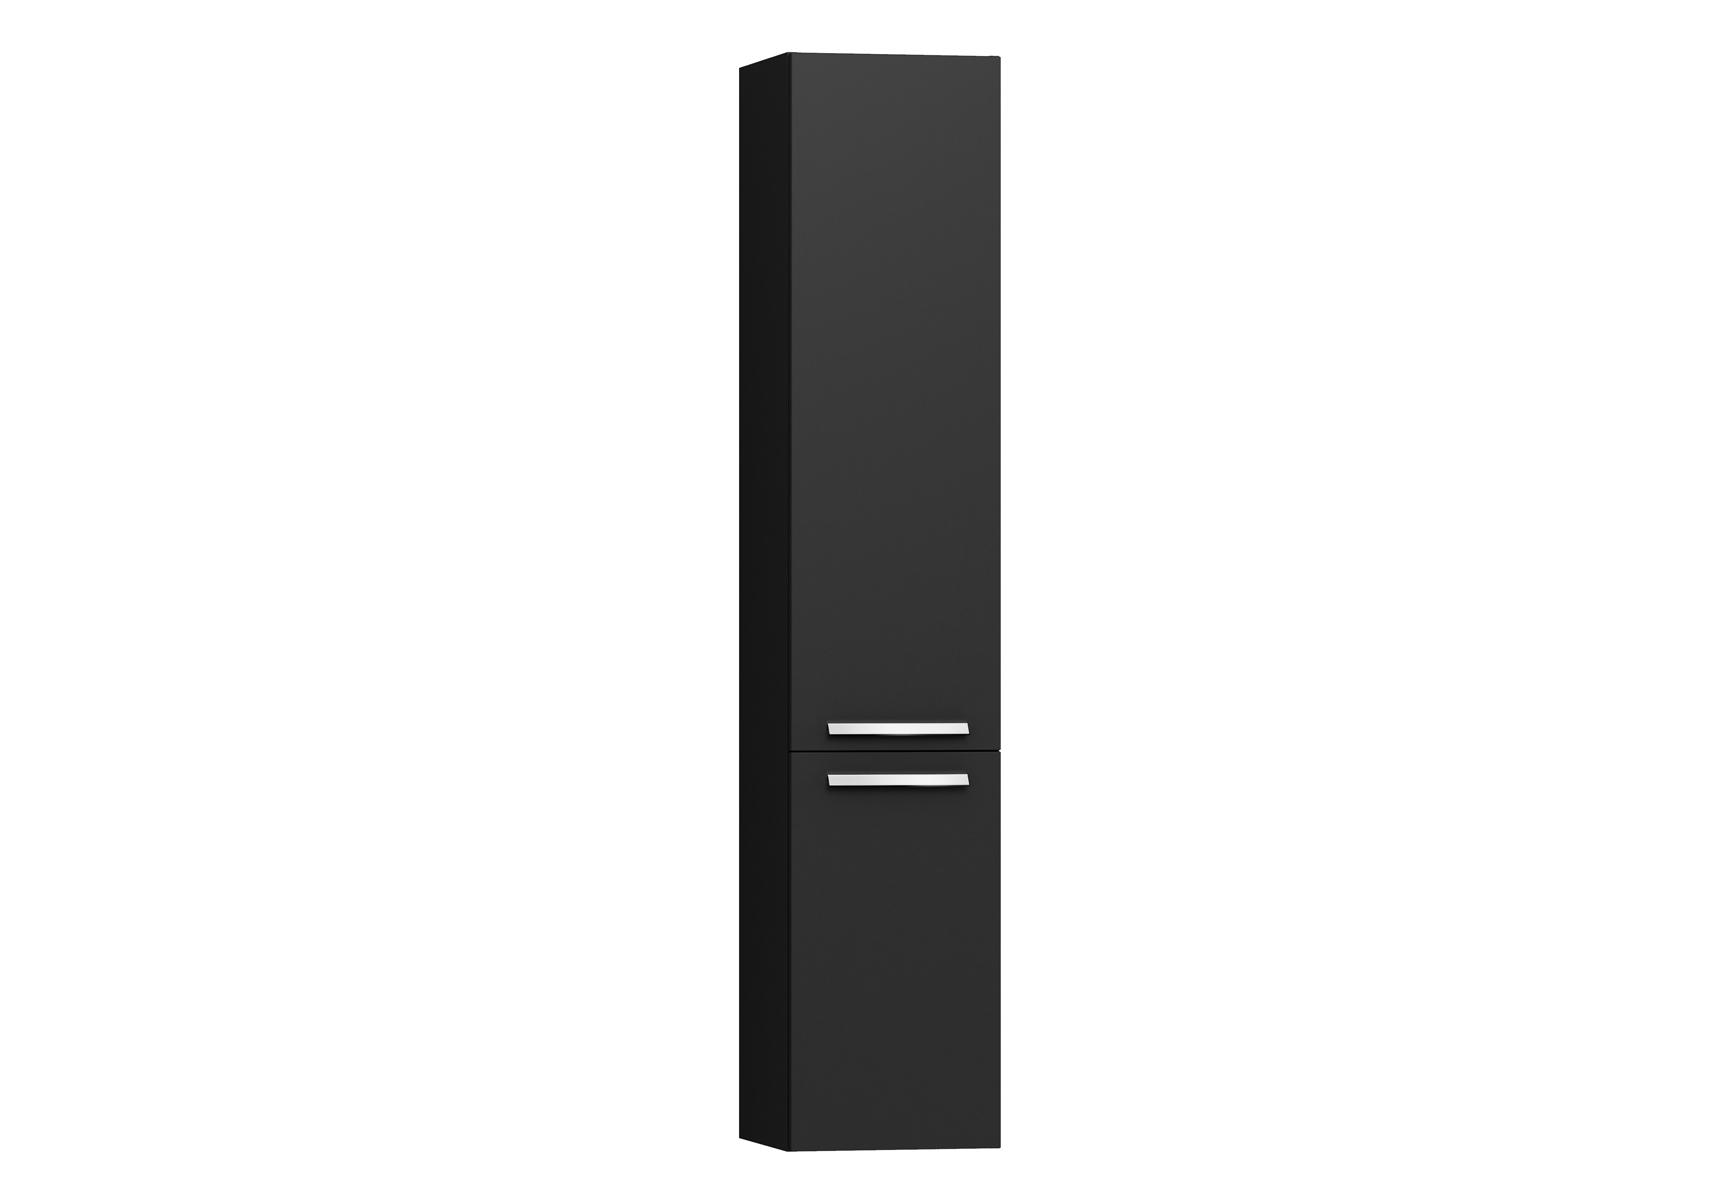 Integra armoire haute sans corbeille à linge, porte à droite, 35 cm, anthraciteacite haute brillance